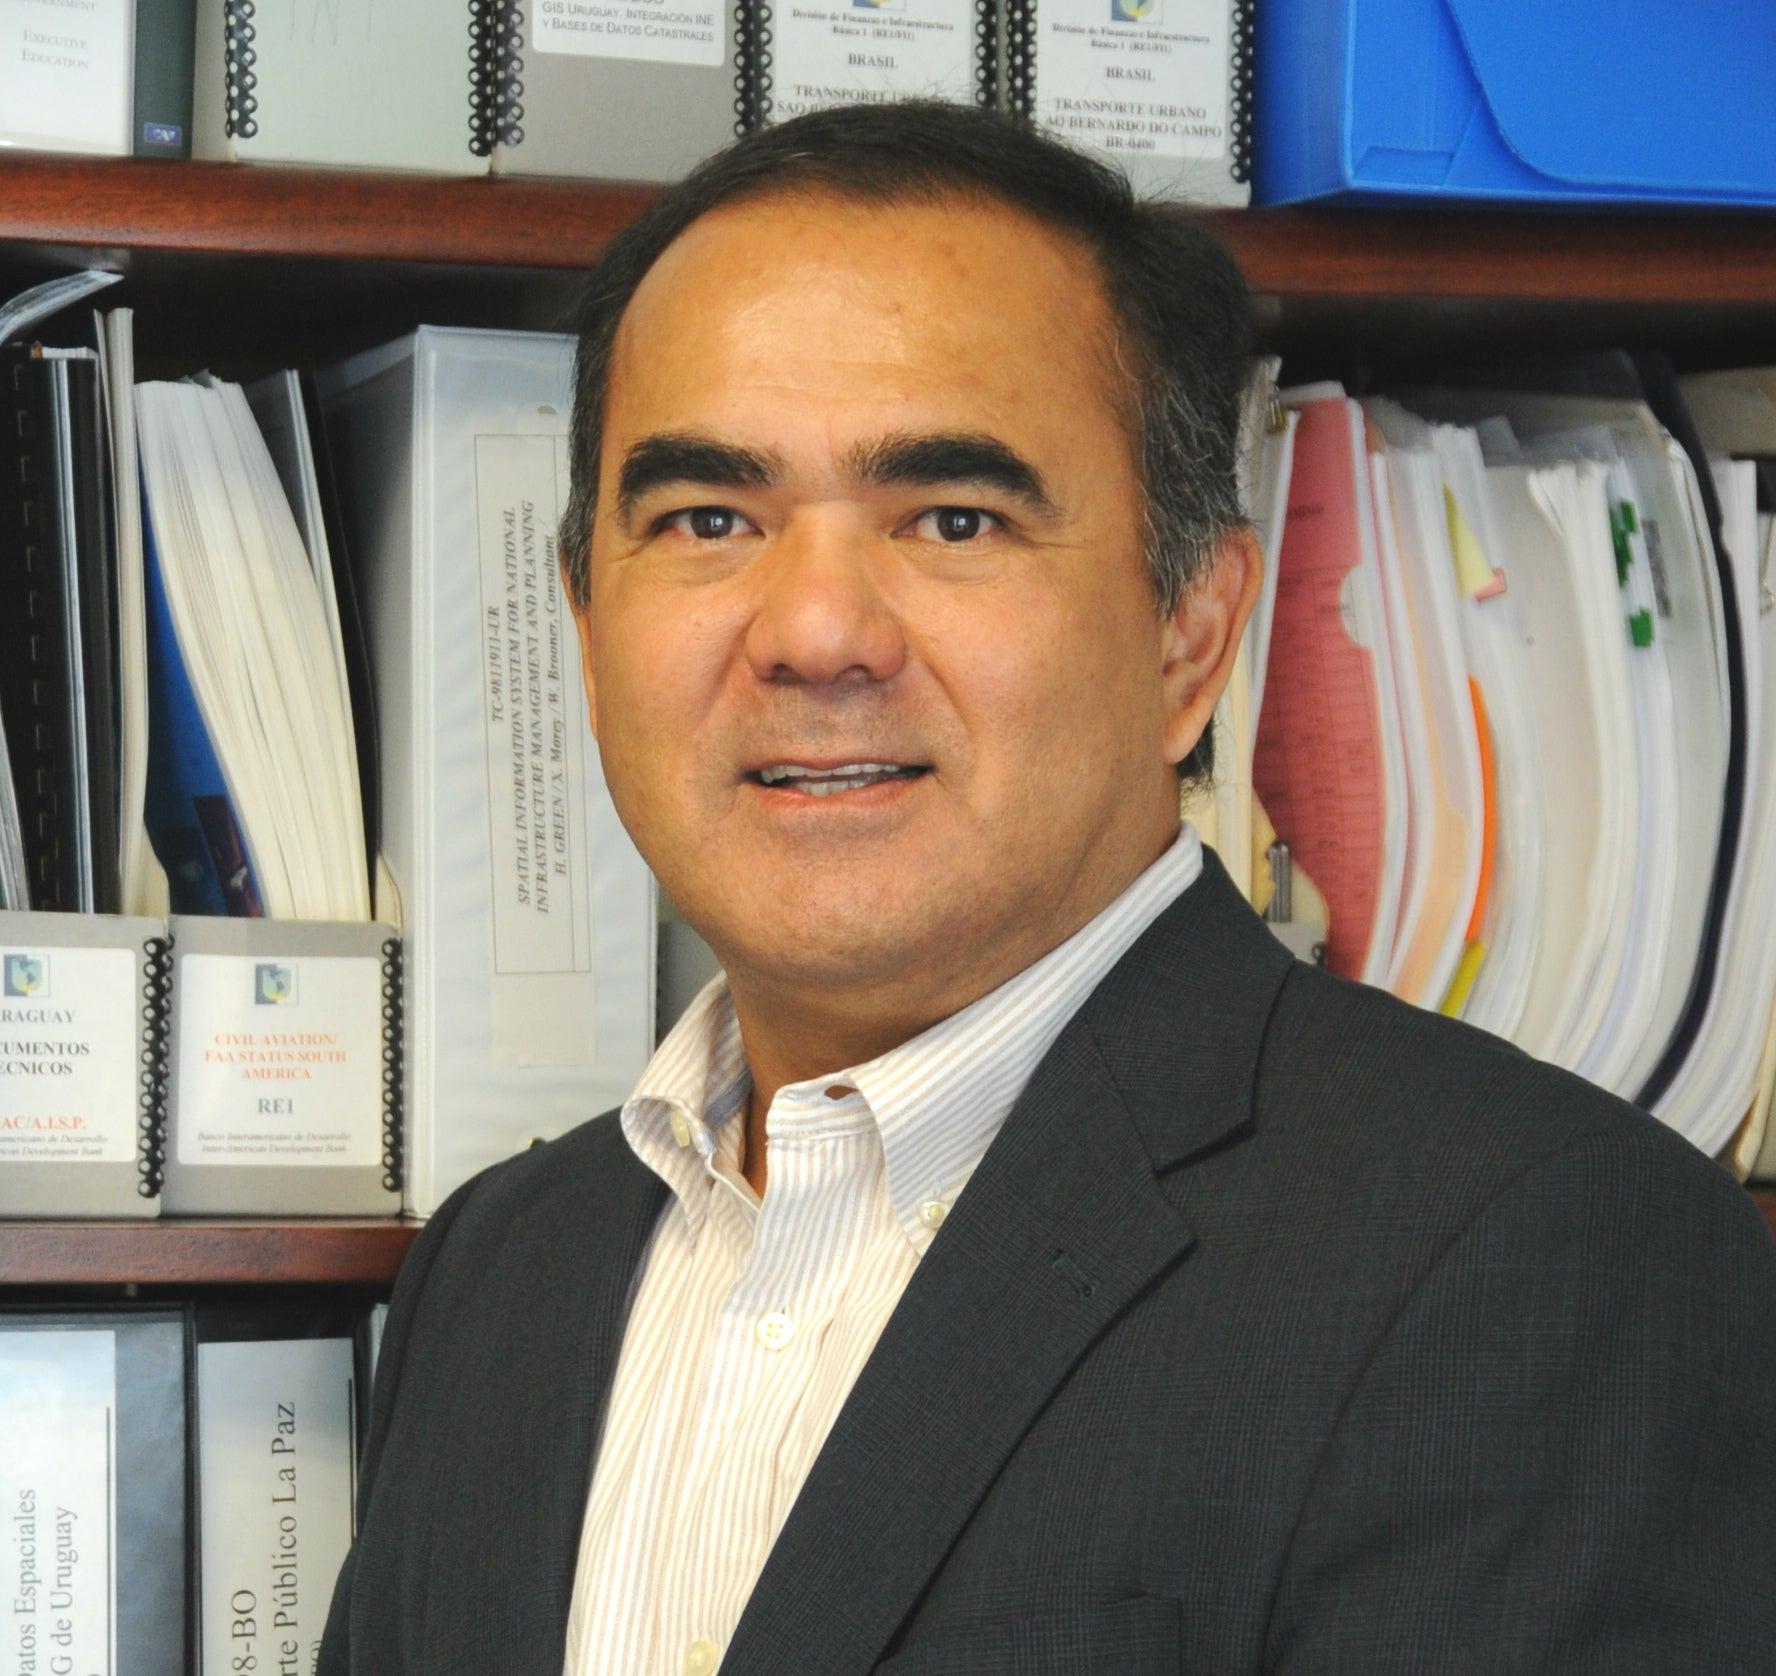 Luis Uechi